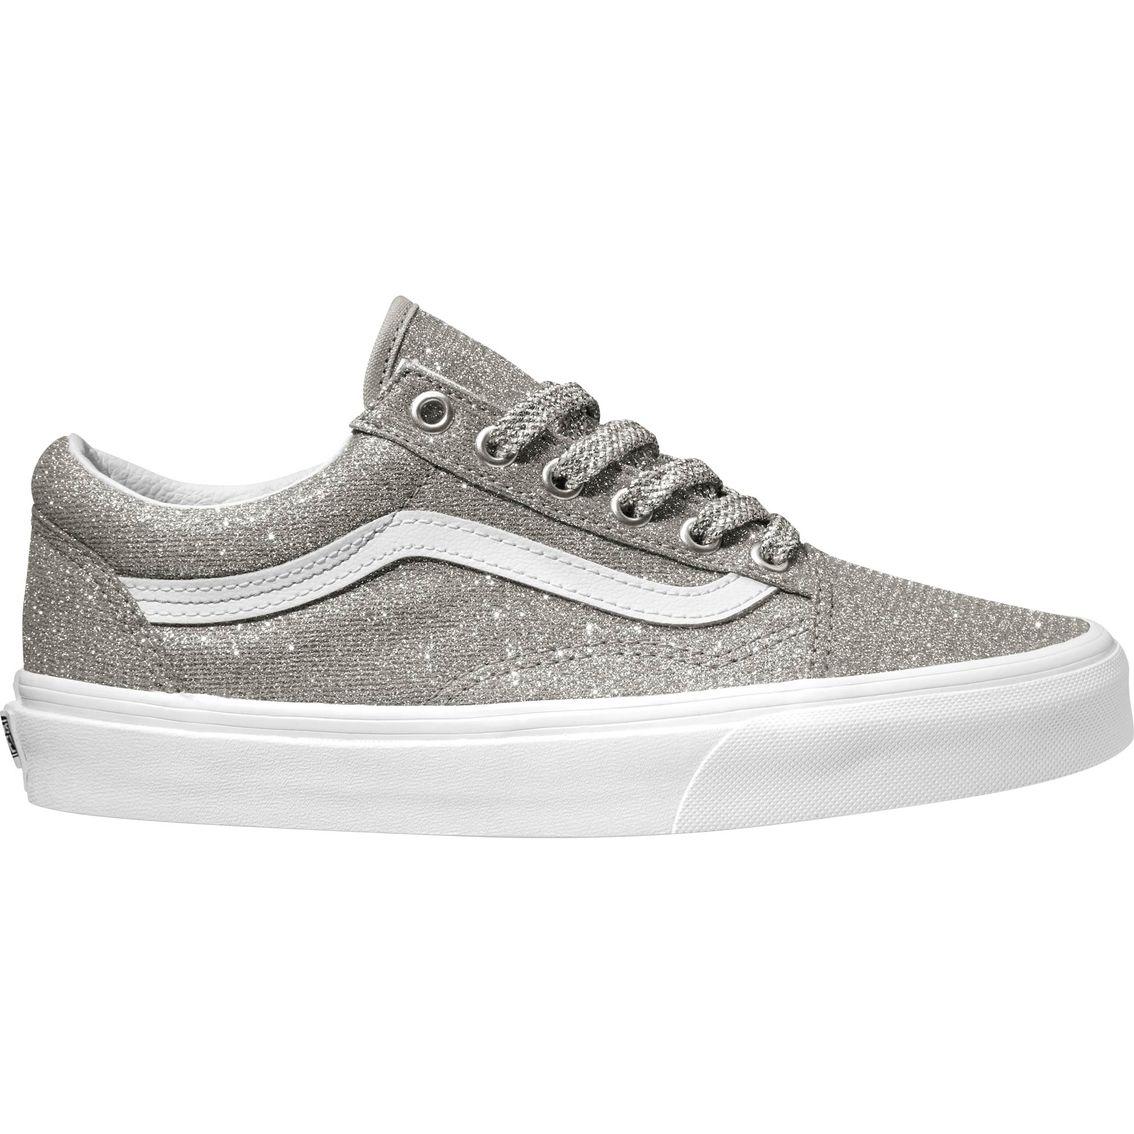 Old Skool Lurex Glitter Shoe